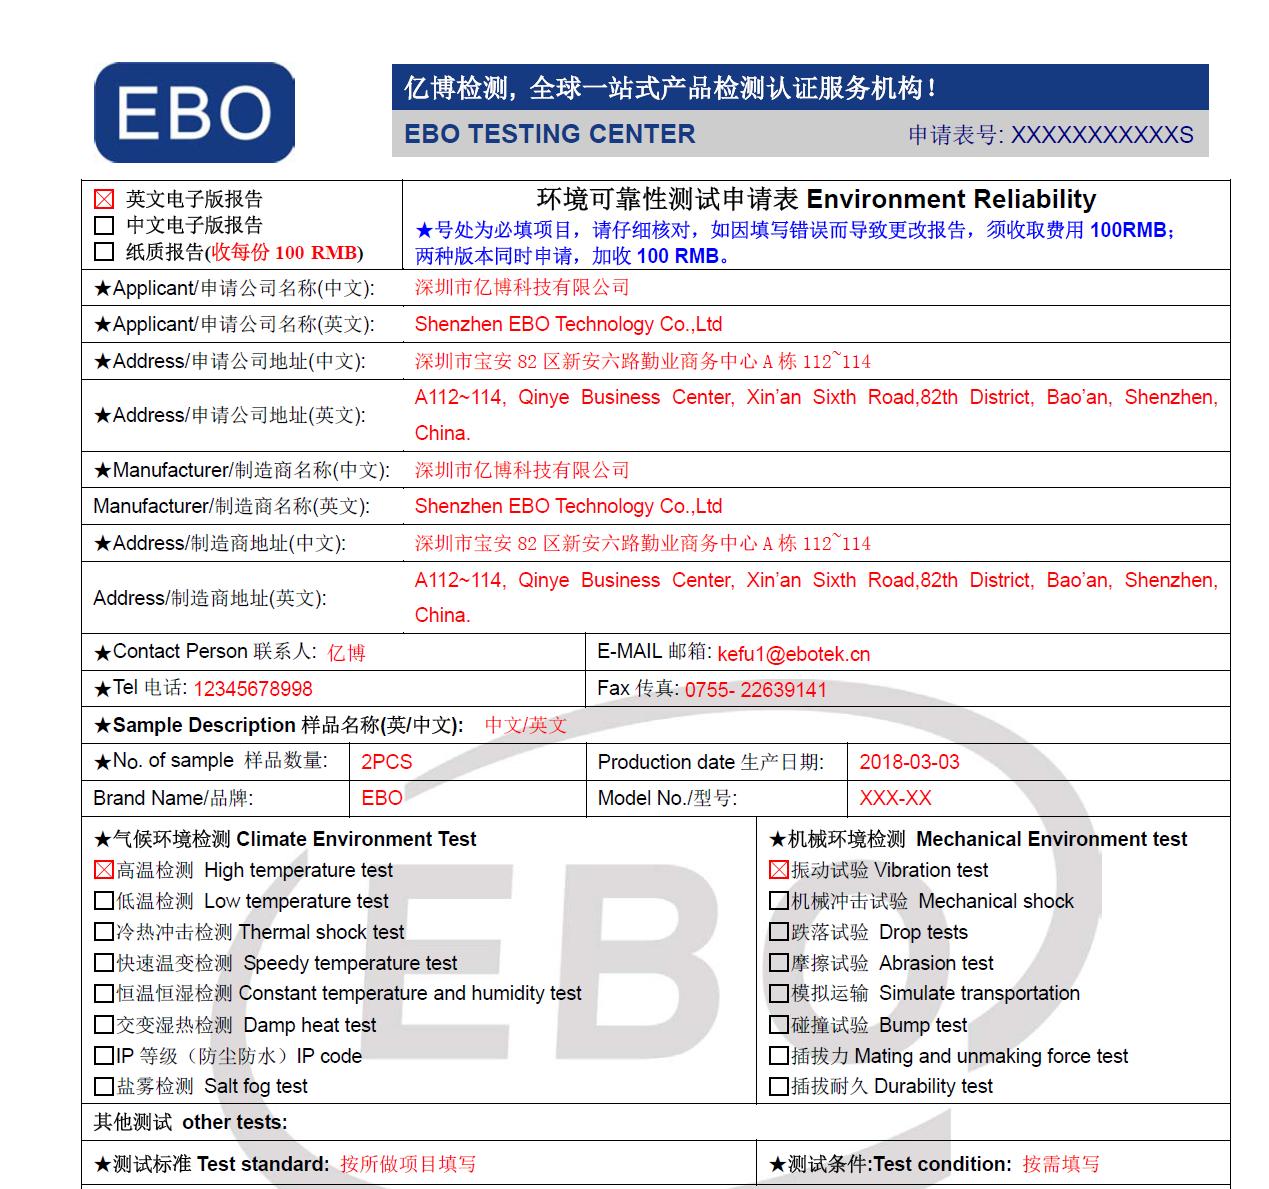 环境可靠性测试申请表